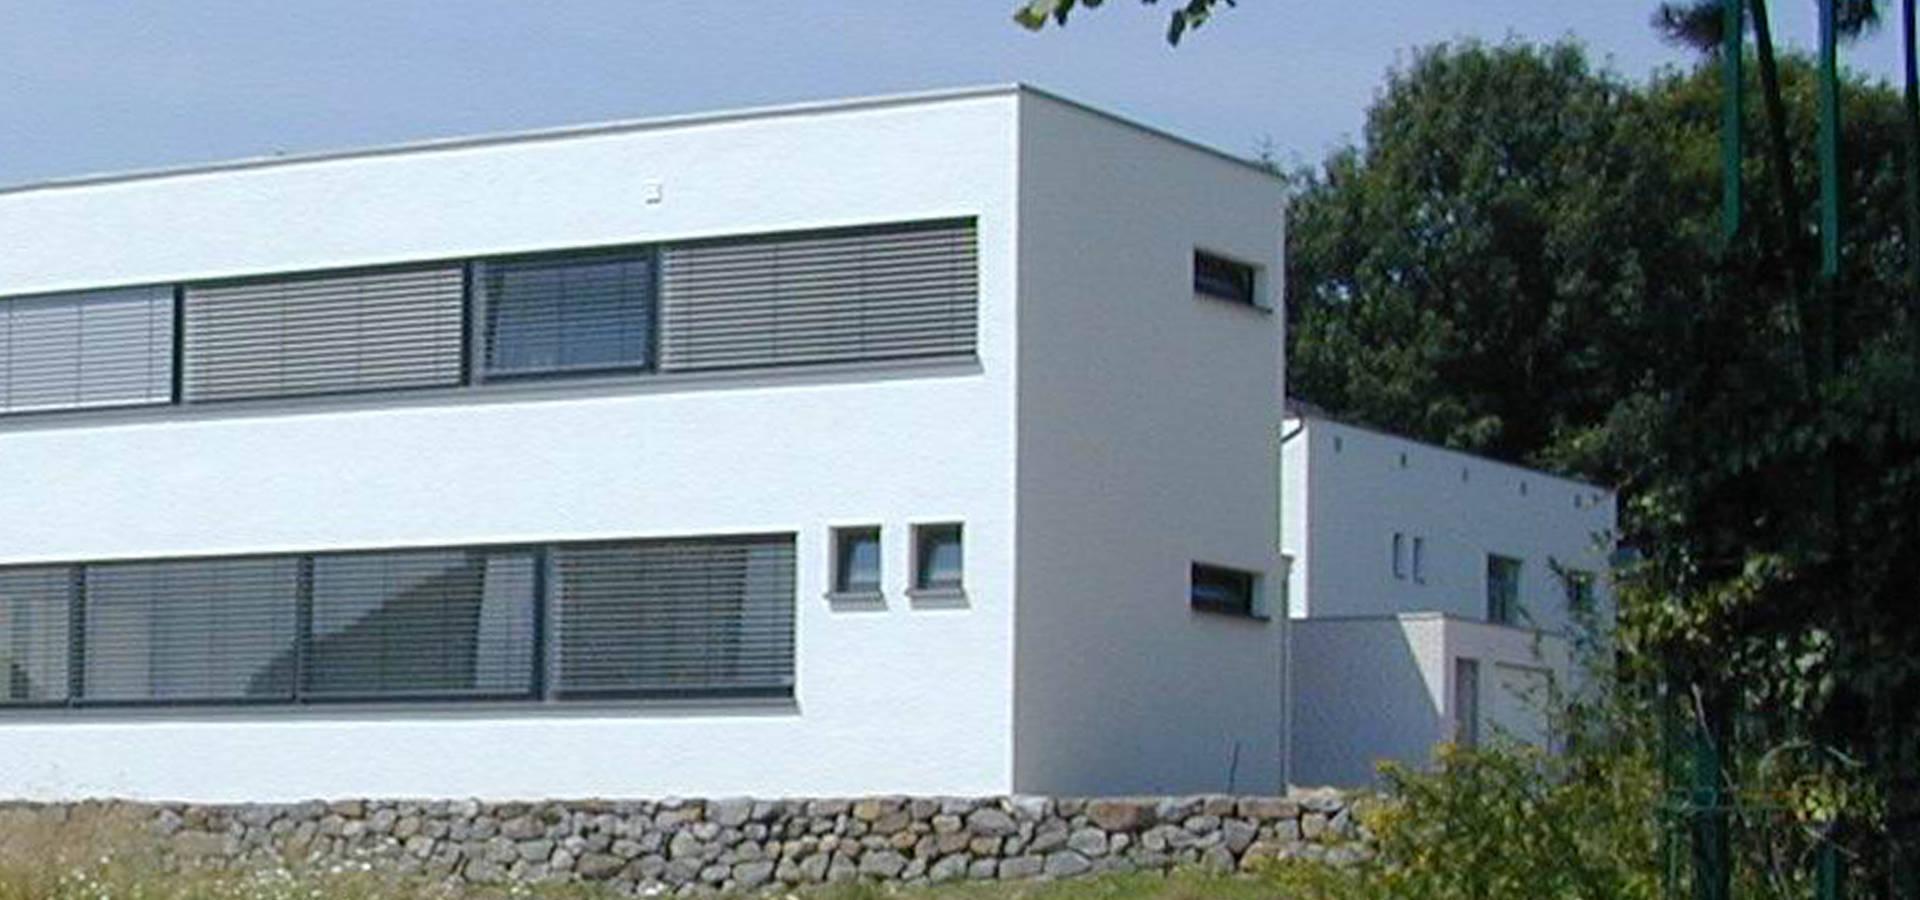 Haus 002 von Hans Tepe Innenarchitektur | homify